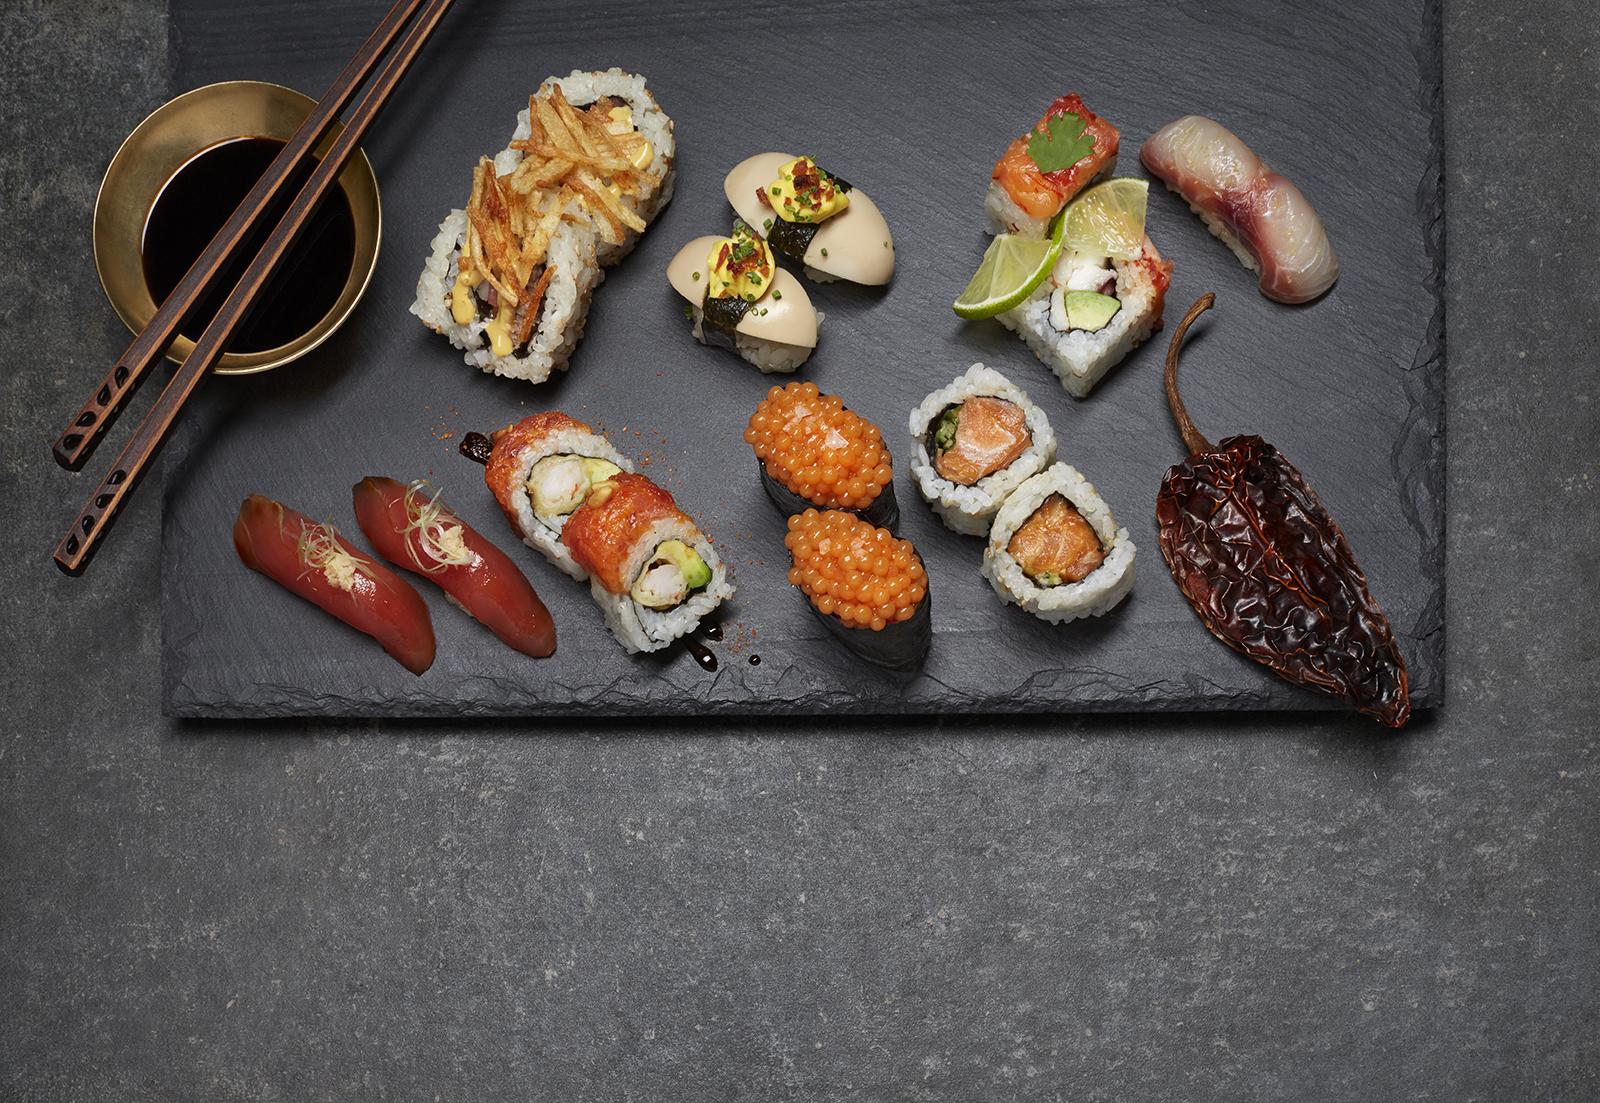 Sushi Spread.jpg